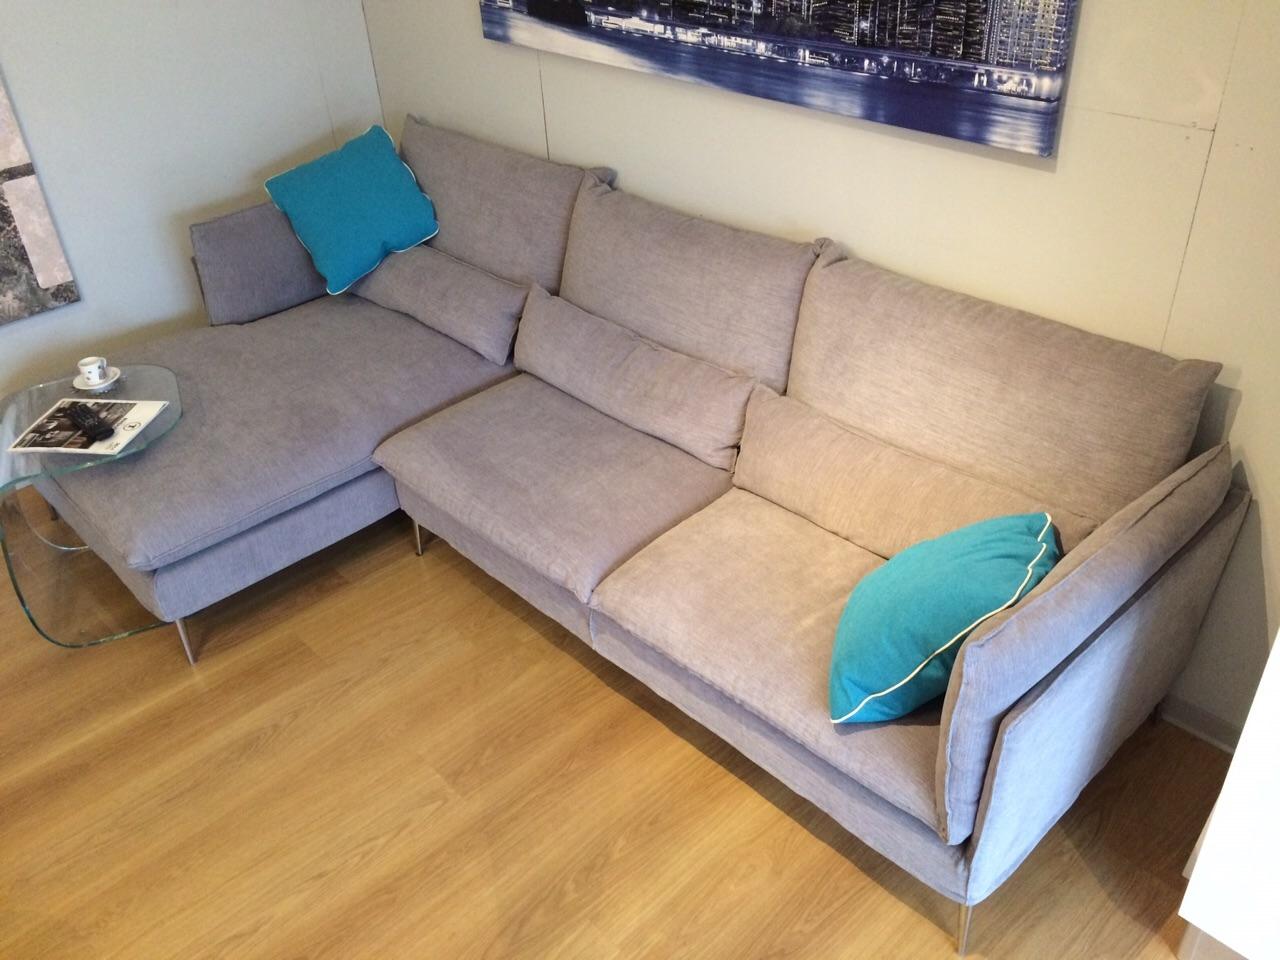 divano con penisola sfoderabile modello natalie exc sof divani a prezzi scontati. Black Bedroom Furniture Sets. Home Design Ideas